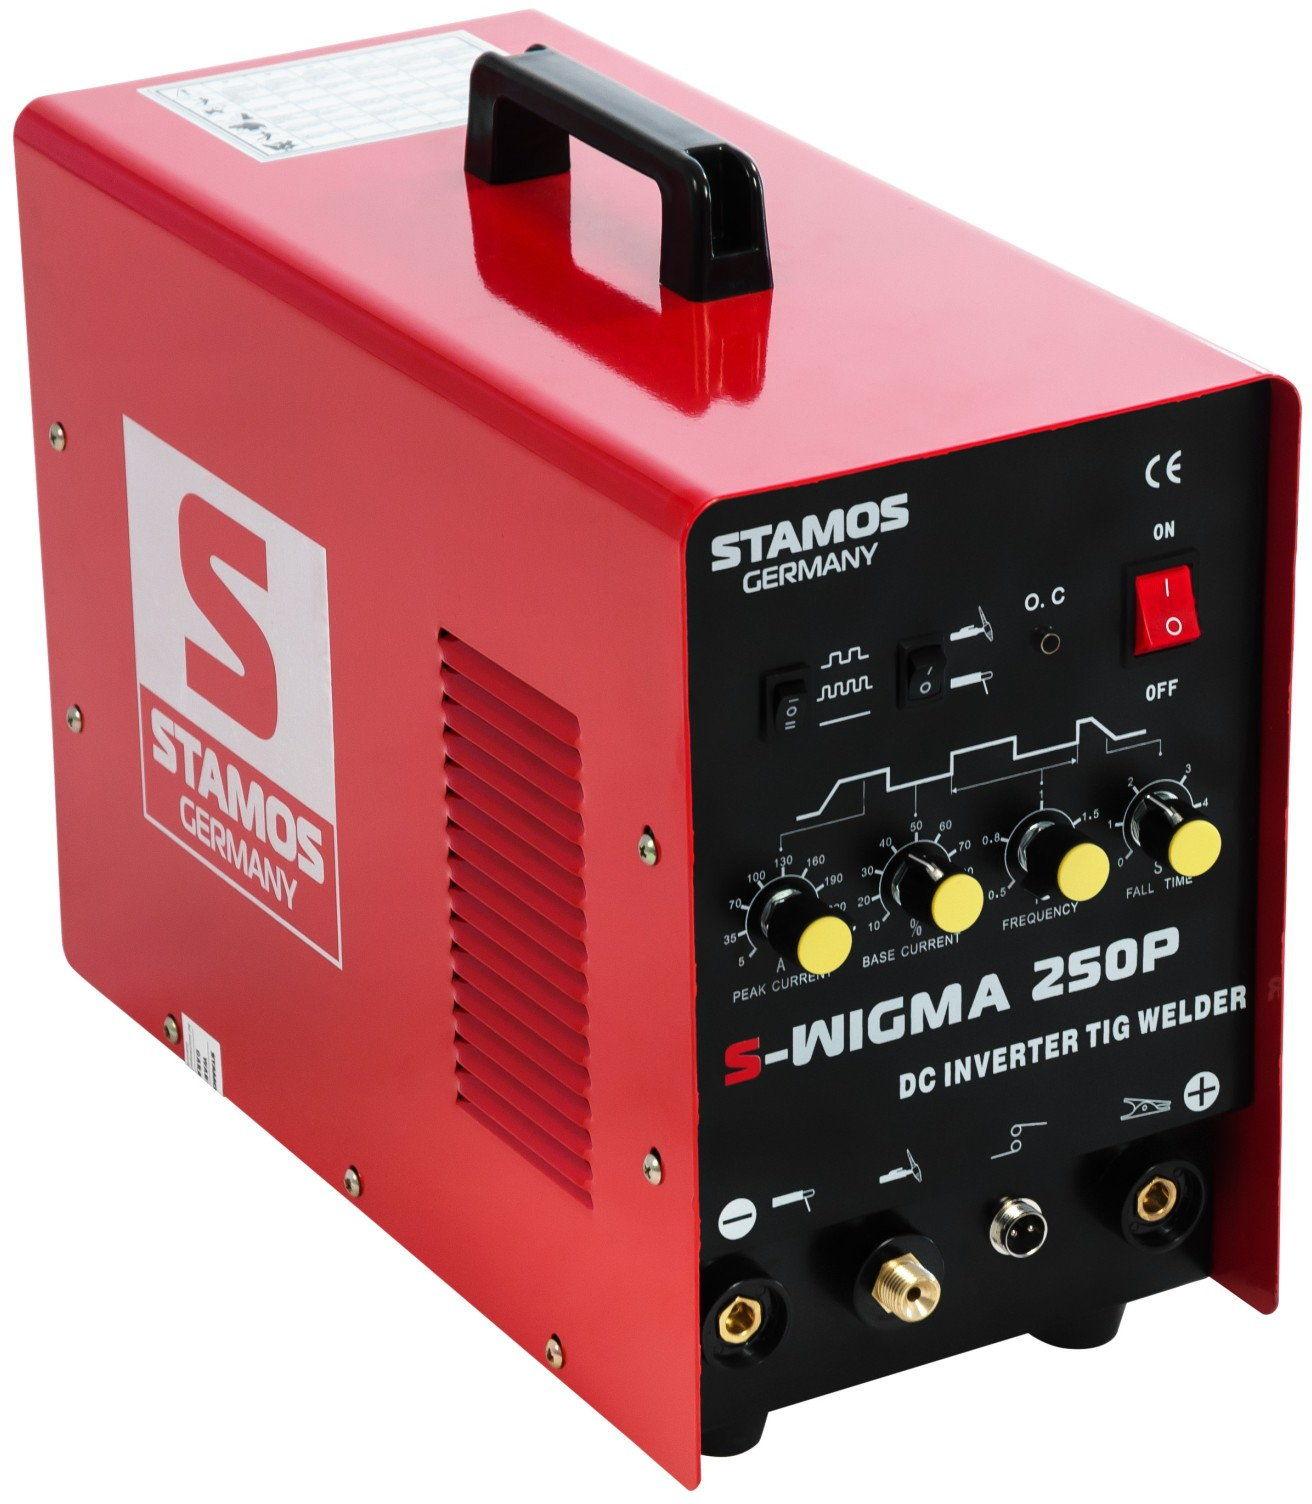 Spawarka TIG - 250 A - 230 V - Puls - PLUS maska spawalnicza - Firestarter 500 - Advanced - Stamos Basic - S-WIGMA 250P - 3 lata gwarancji/wysyłka w